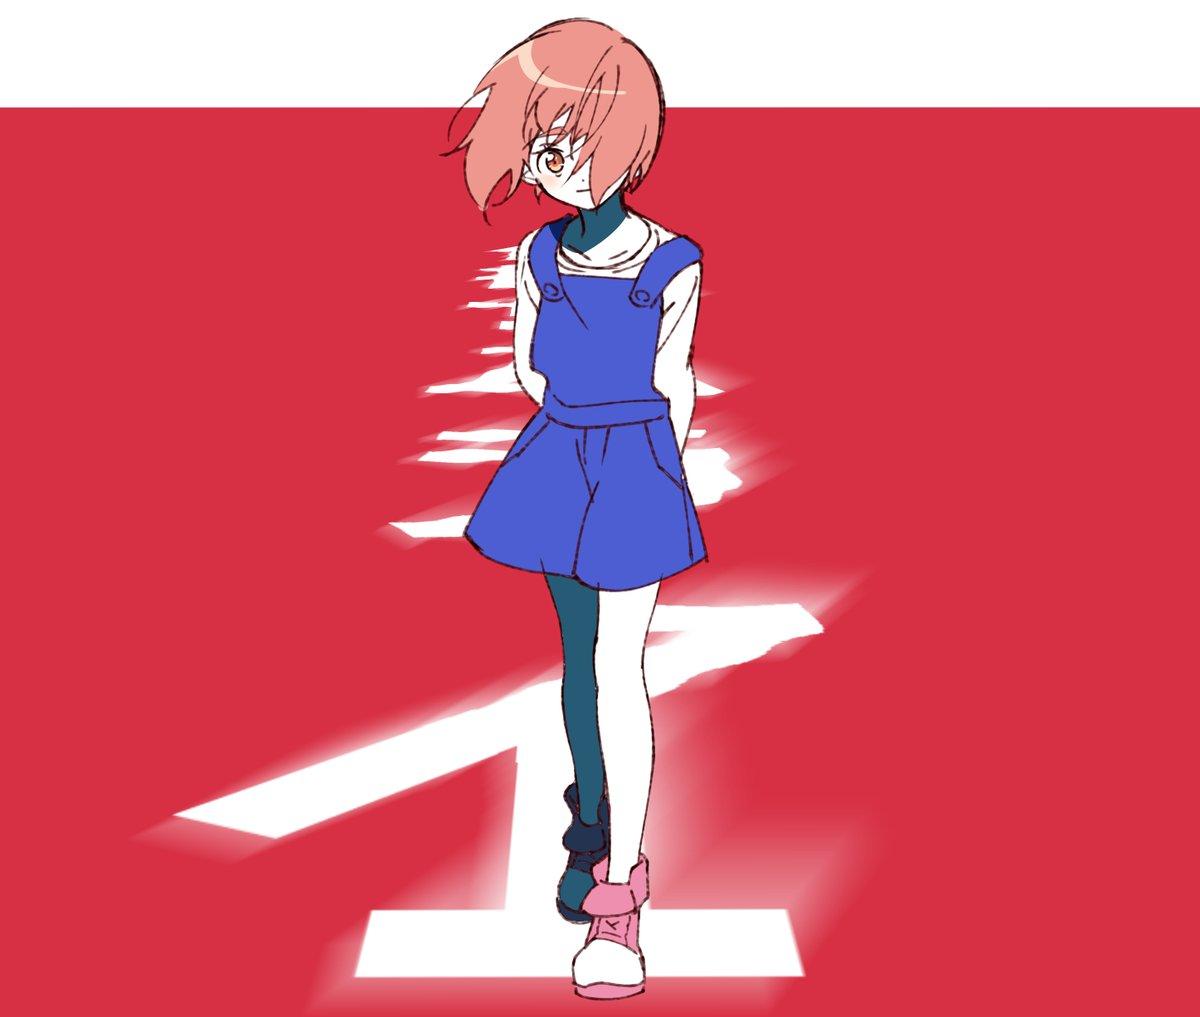 アニメ 体操 ザムライ